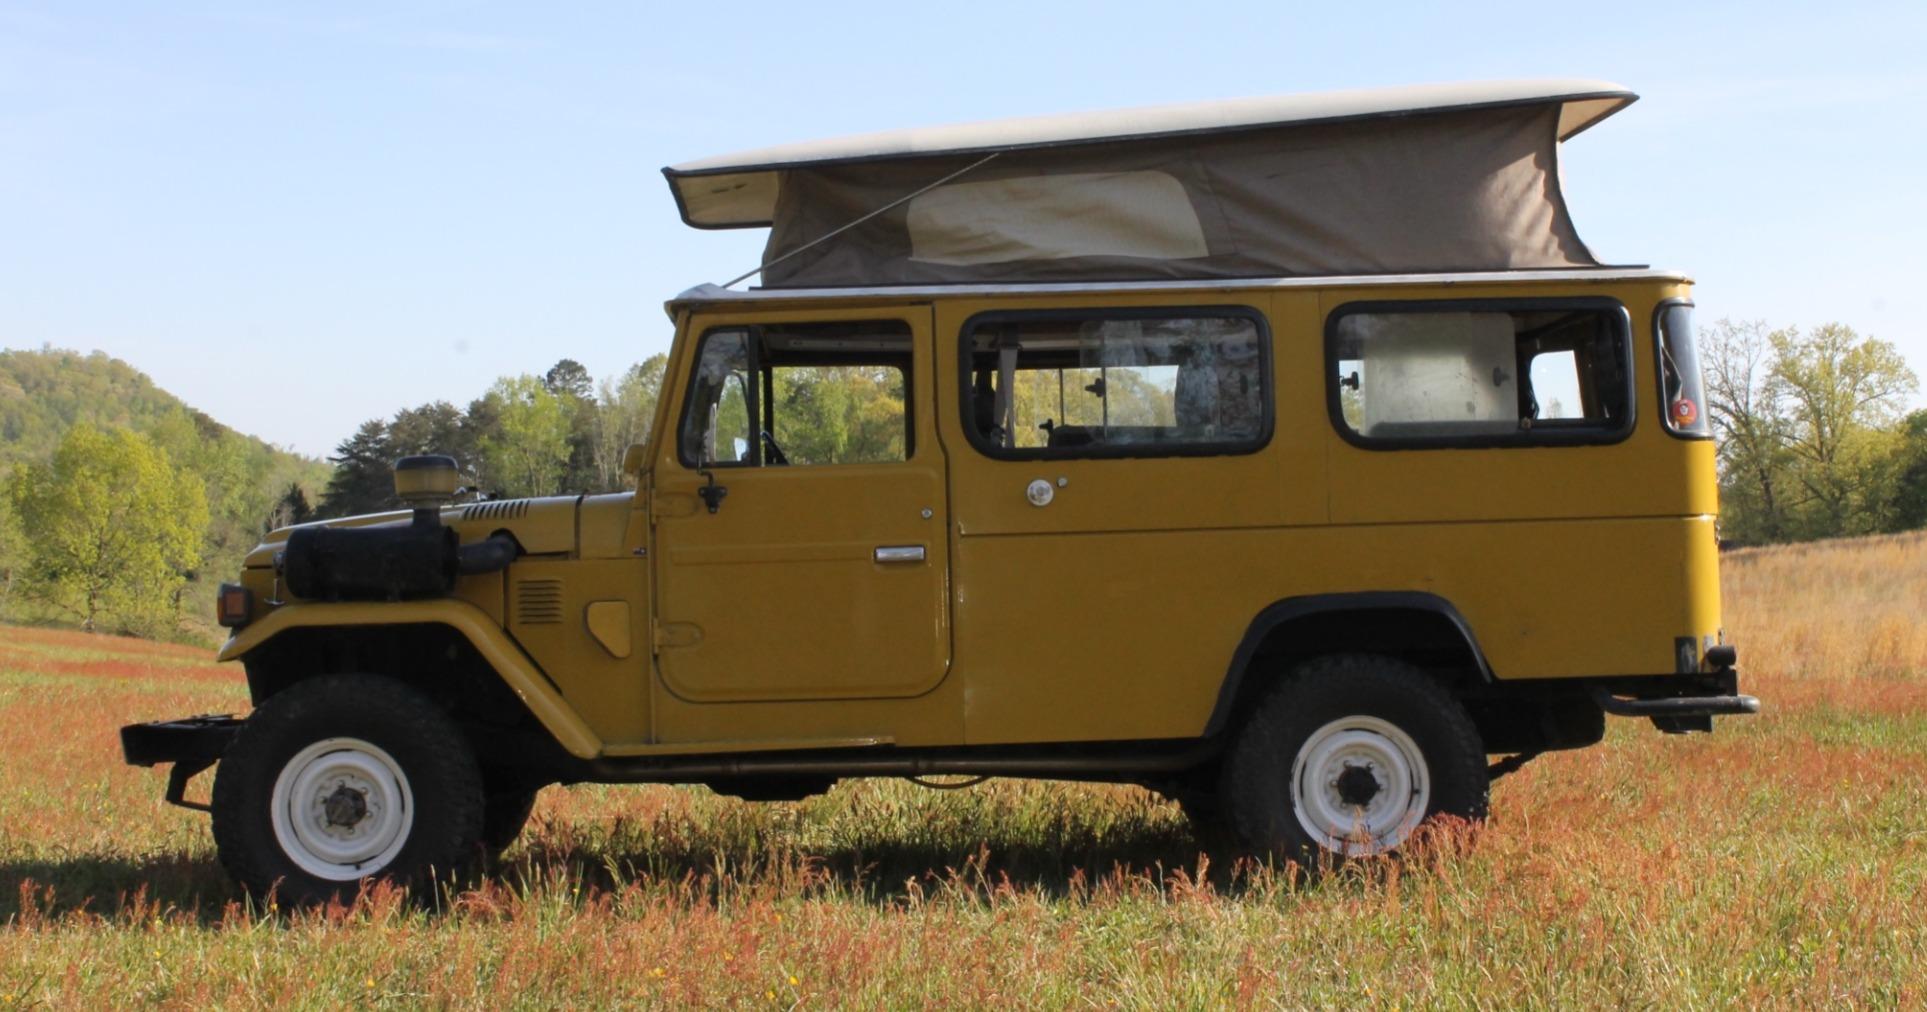 Toyota Land Cruiser Diesel >> 1979 HJ45 Toyota Land Cruiser Pop Top Camper